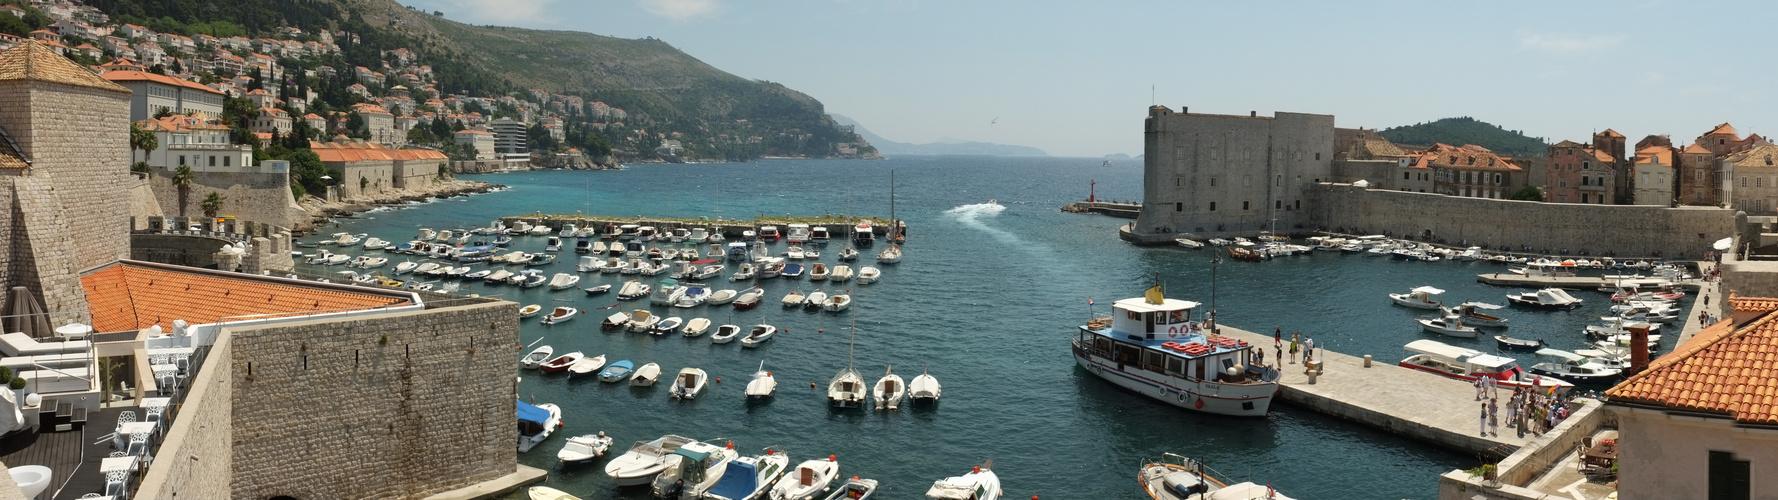 Panorama Hafen von Dubrovnik